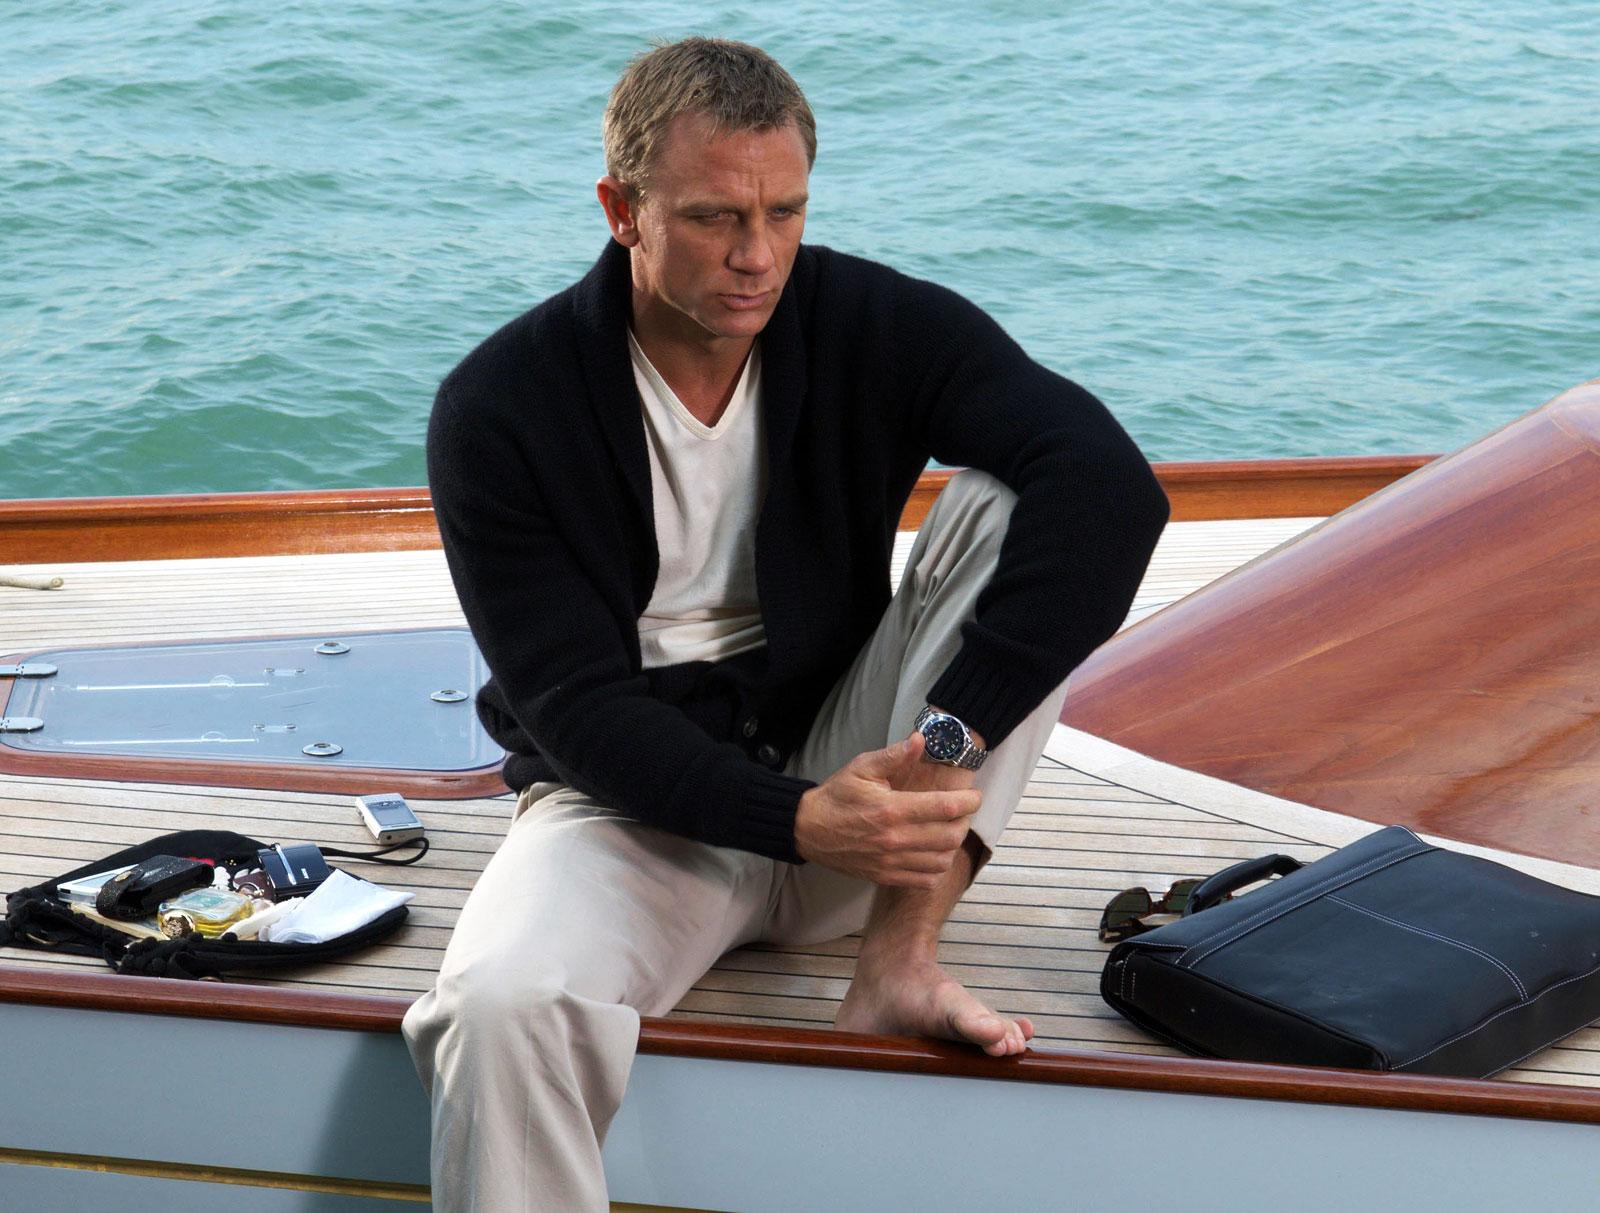 Daniel Craig as James Bond wearing Omega Seamaster Planet Ocean